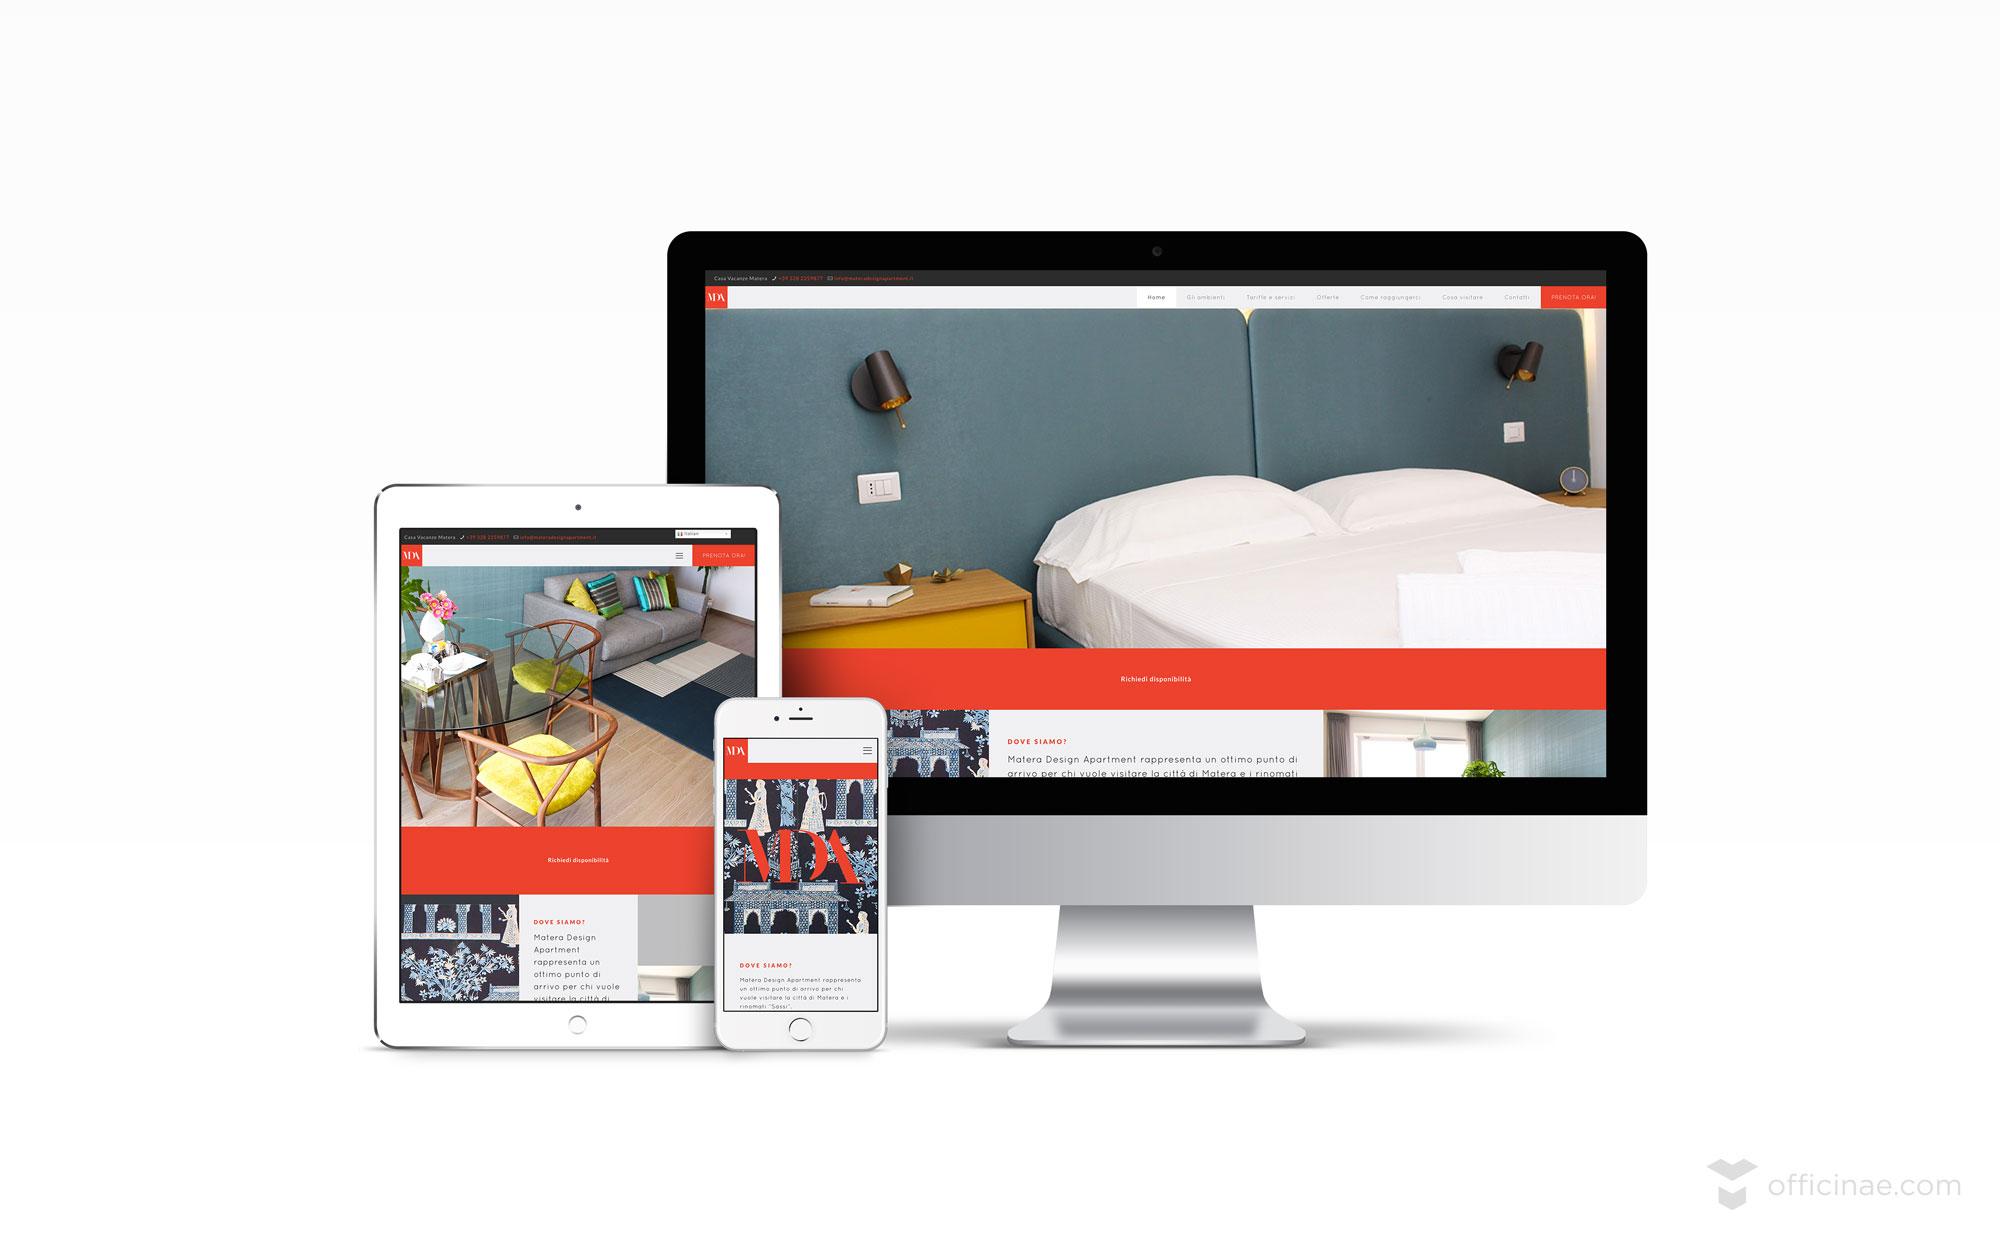 Sito-Template-Portfolio officinae-agenzia-lean-digital-marketing-management-campagne-social-comunicazione-school-formazione-matera-milano